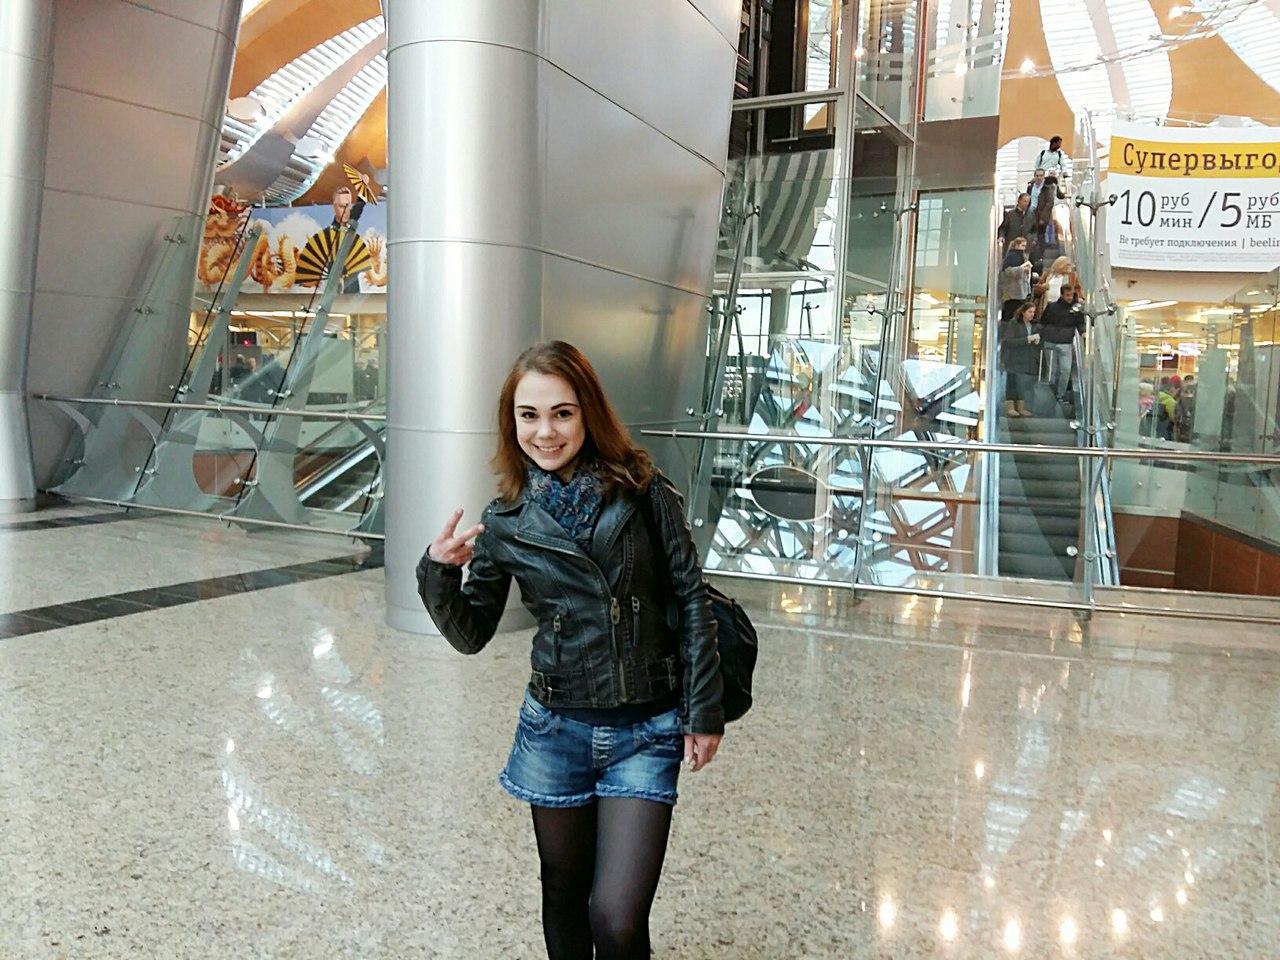 Юлия Антипова - Нодари Майсурадзе - Страница 2 OQeJqsDKcnc